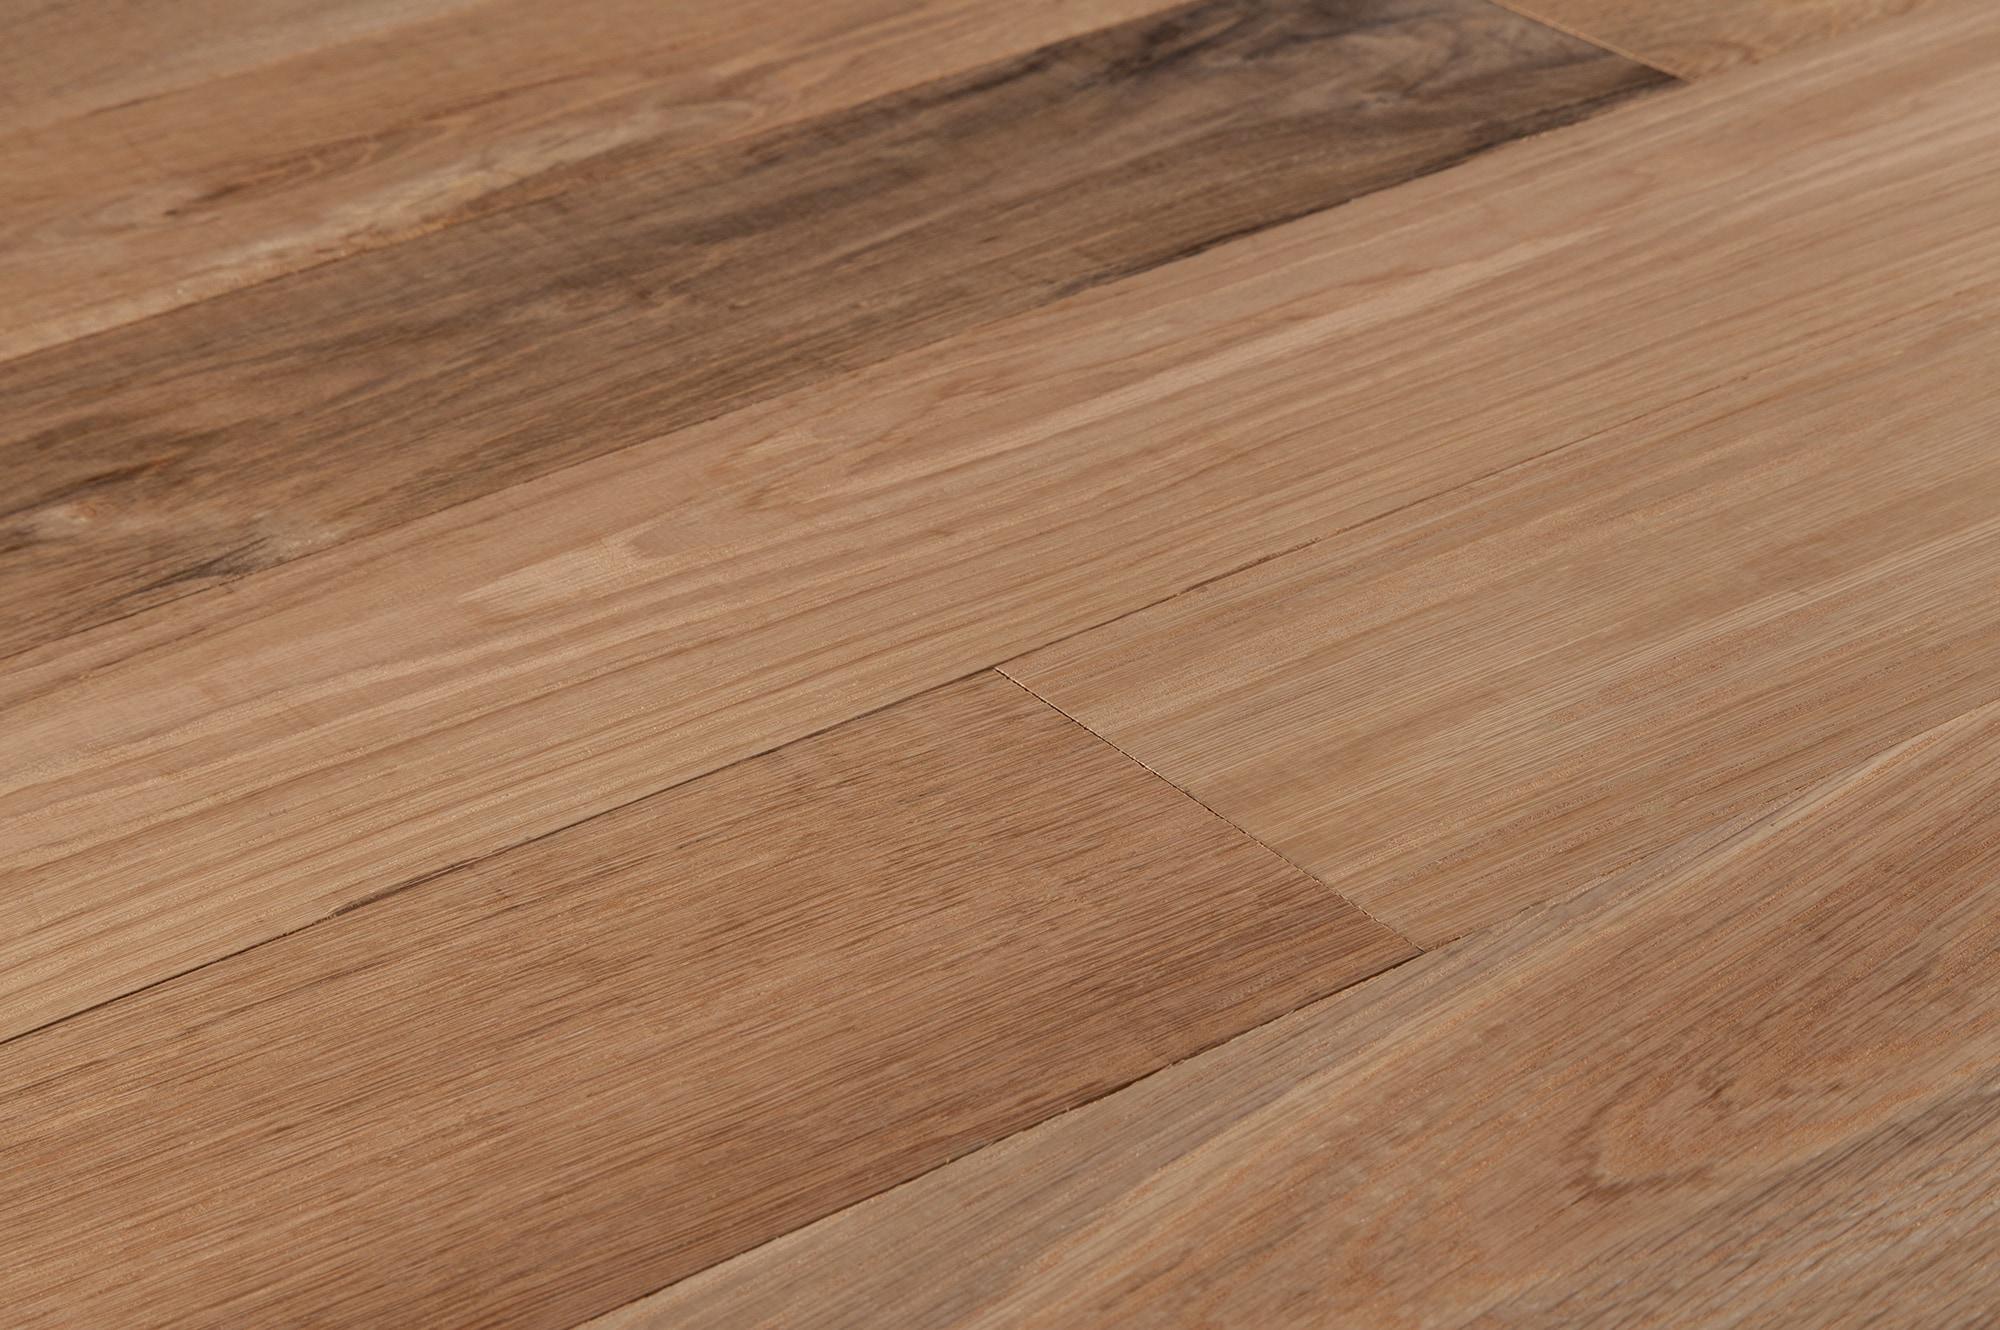 F Samples: ungston Hardwood - Unfinished Oak White Oak ... - ^